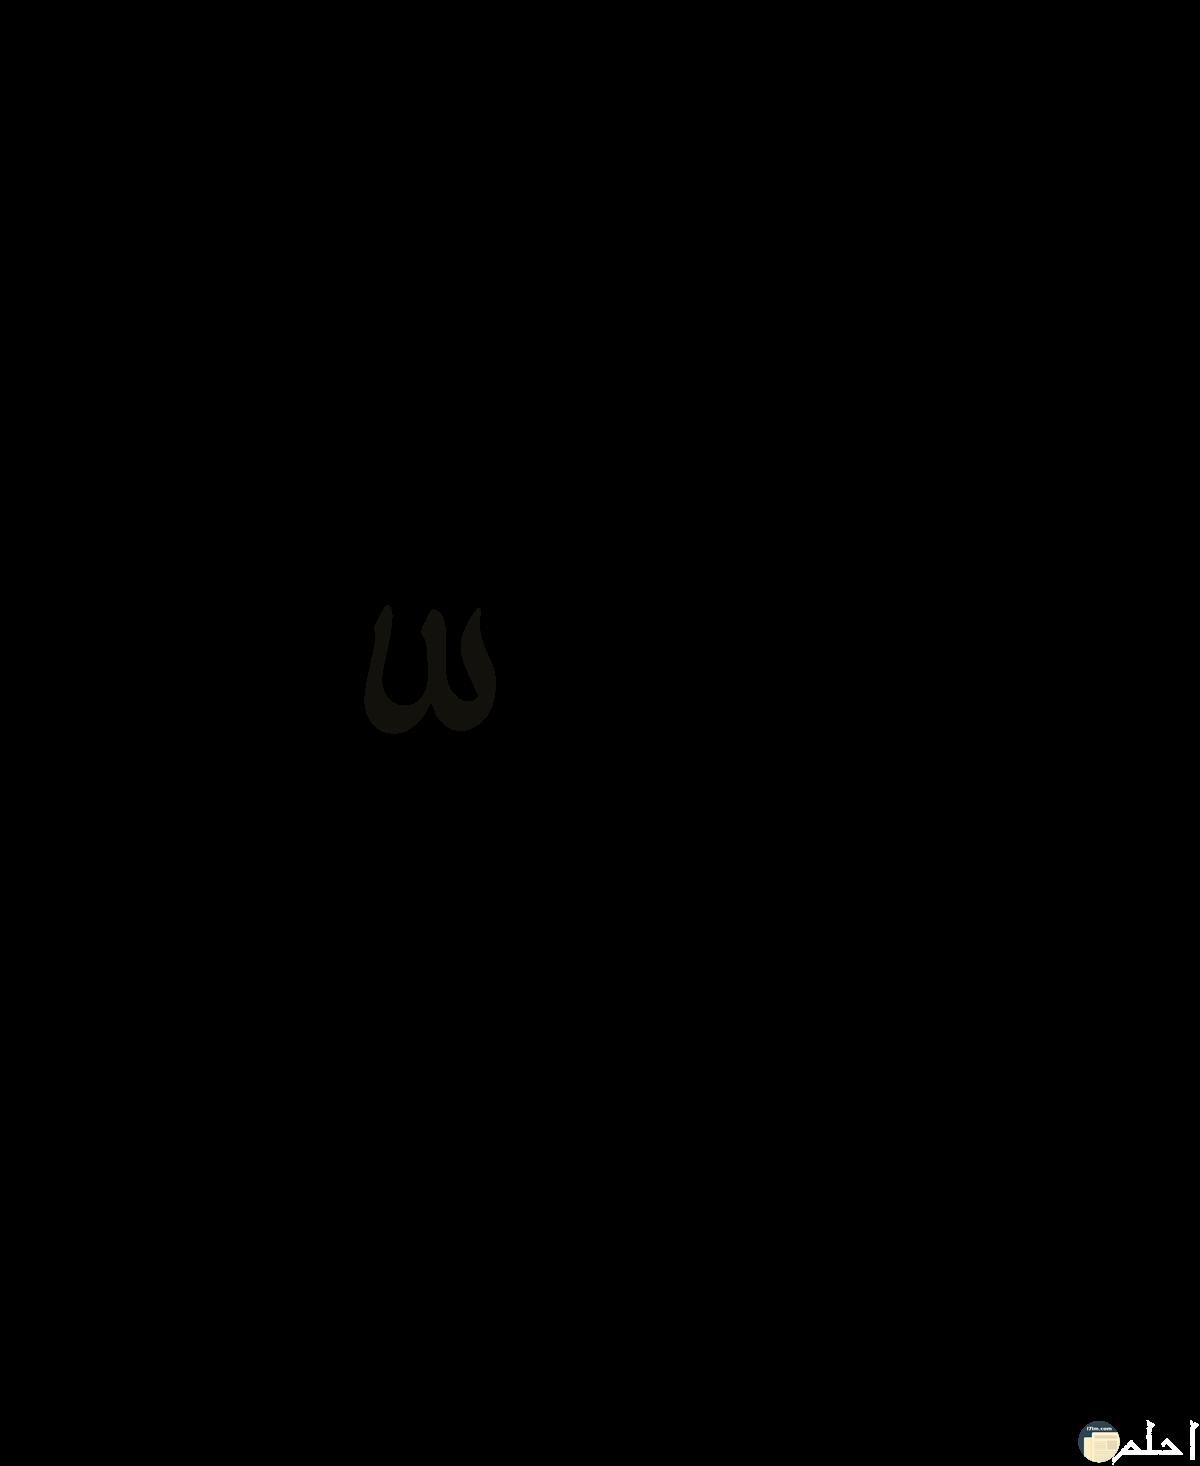 صورة لاسم على مكتوب بالخط العربى.